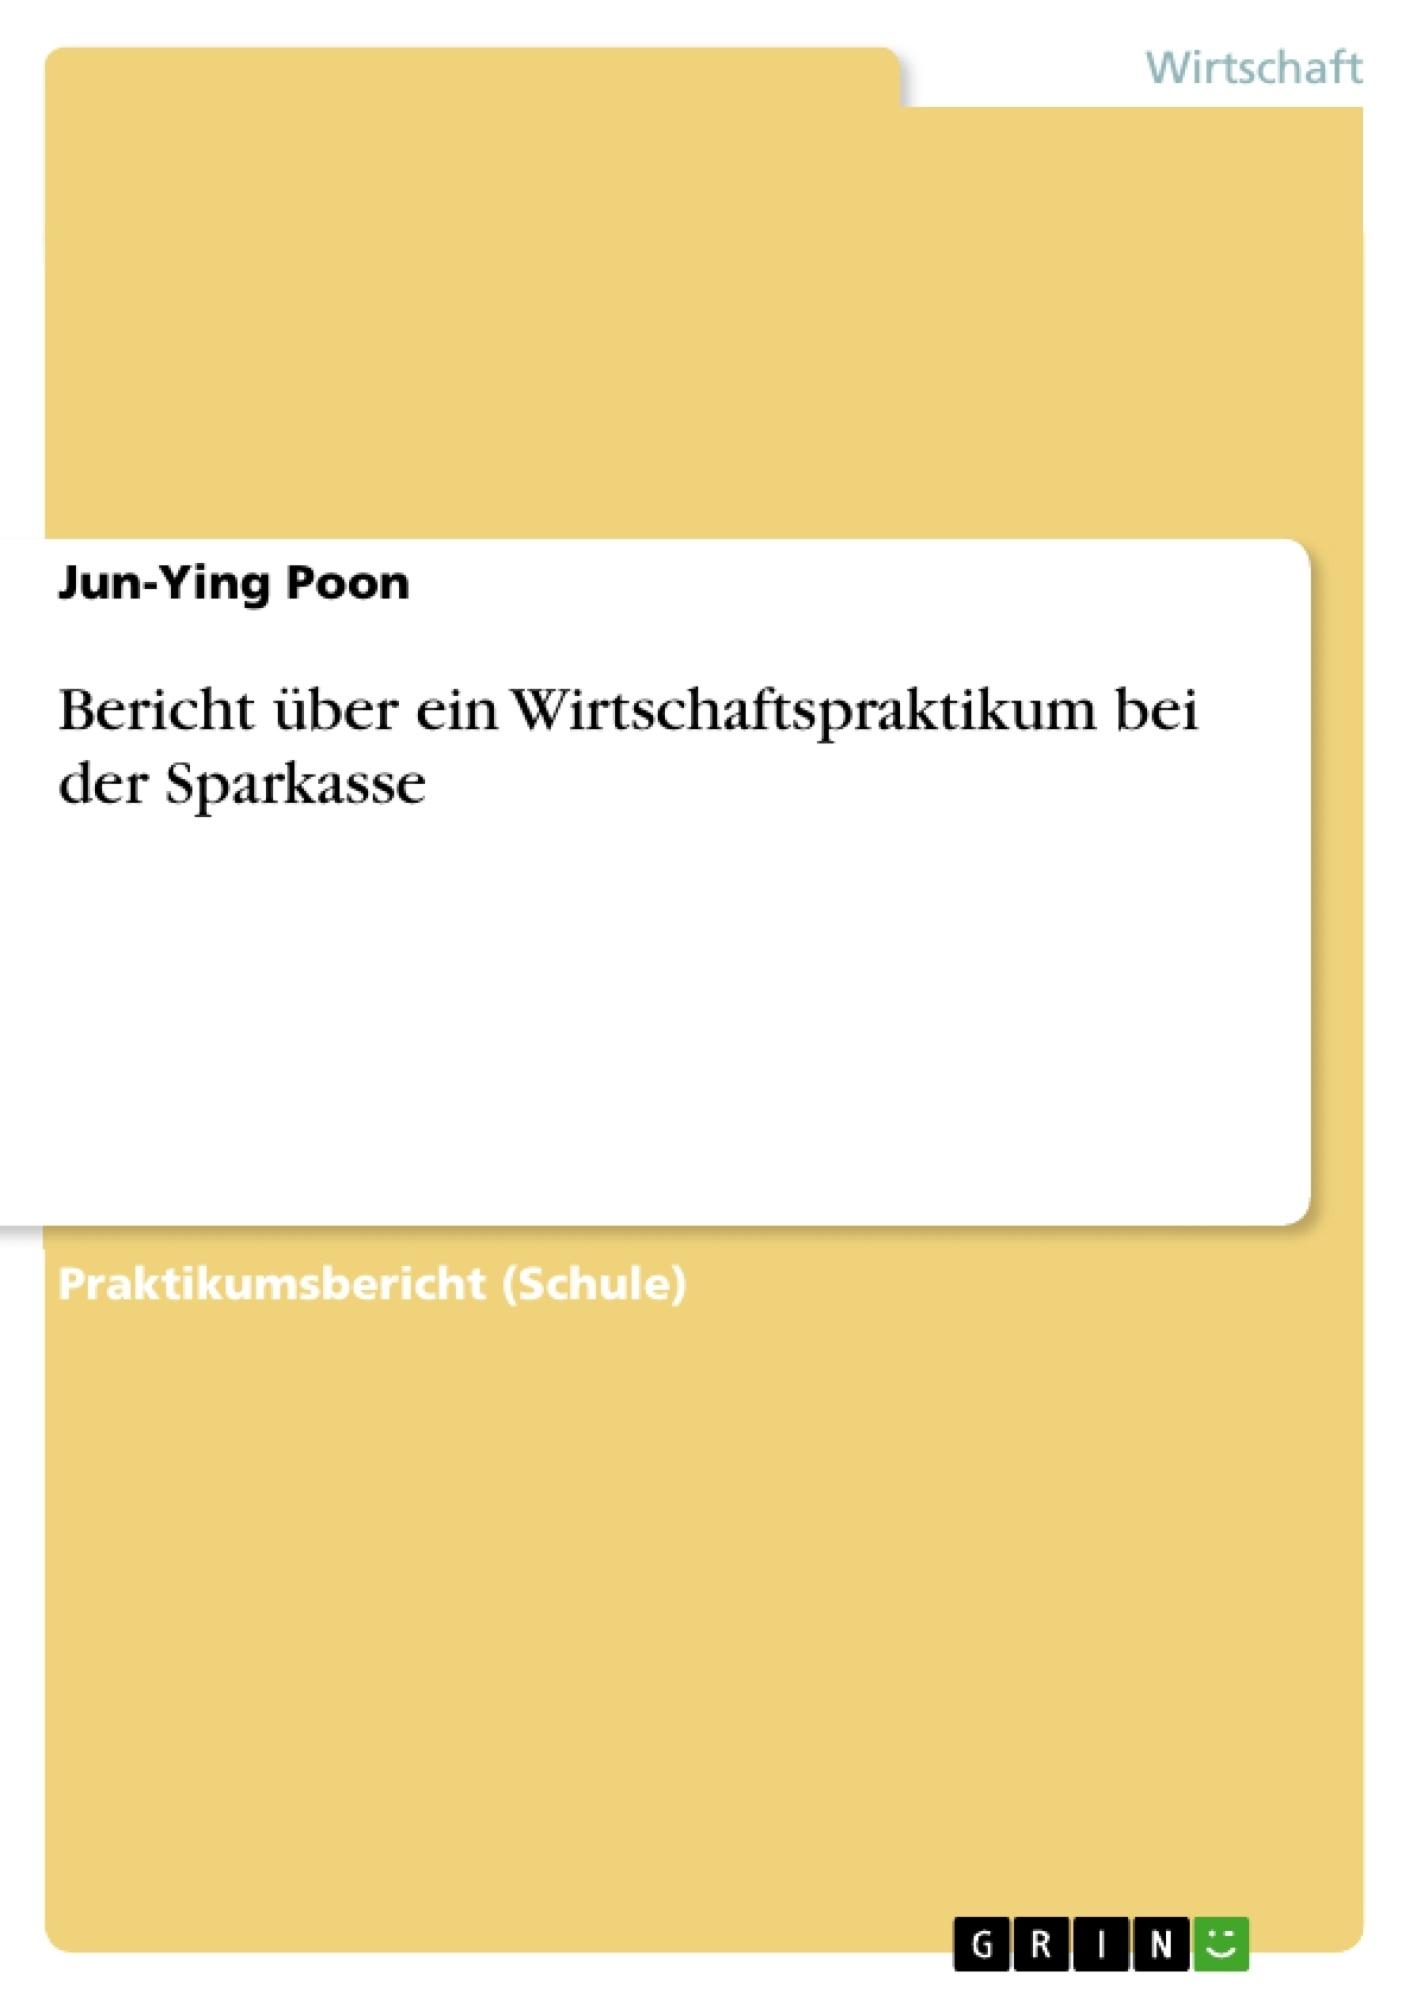 Titel: Bericht über ein Wirtschaftspraktikum bei der Sparkasse